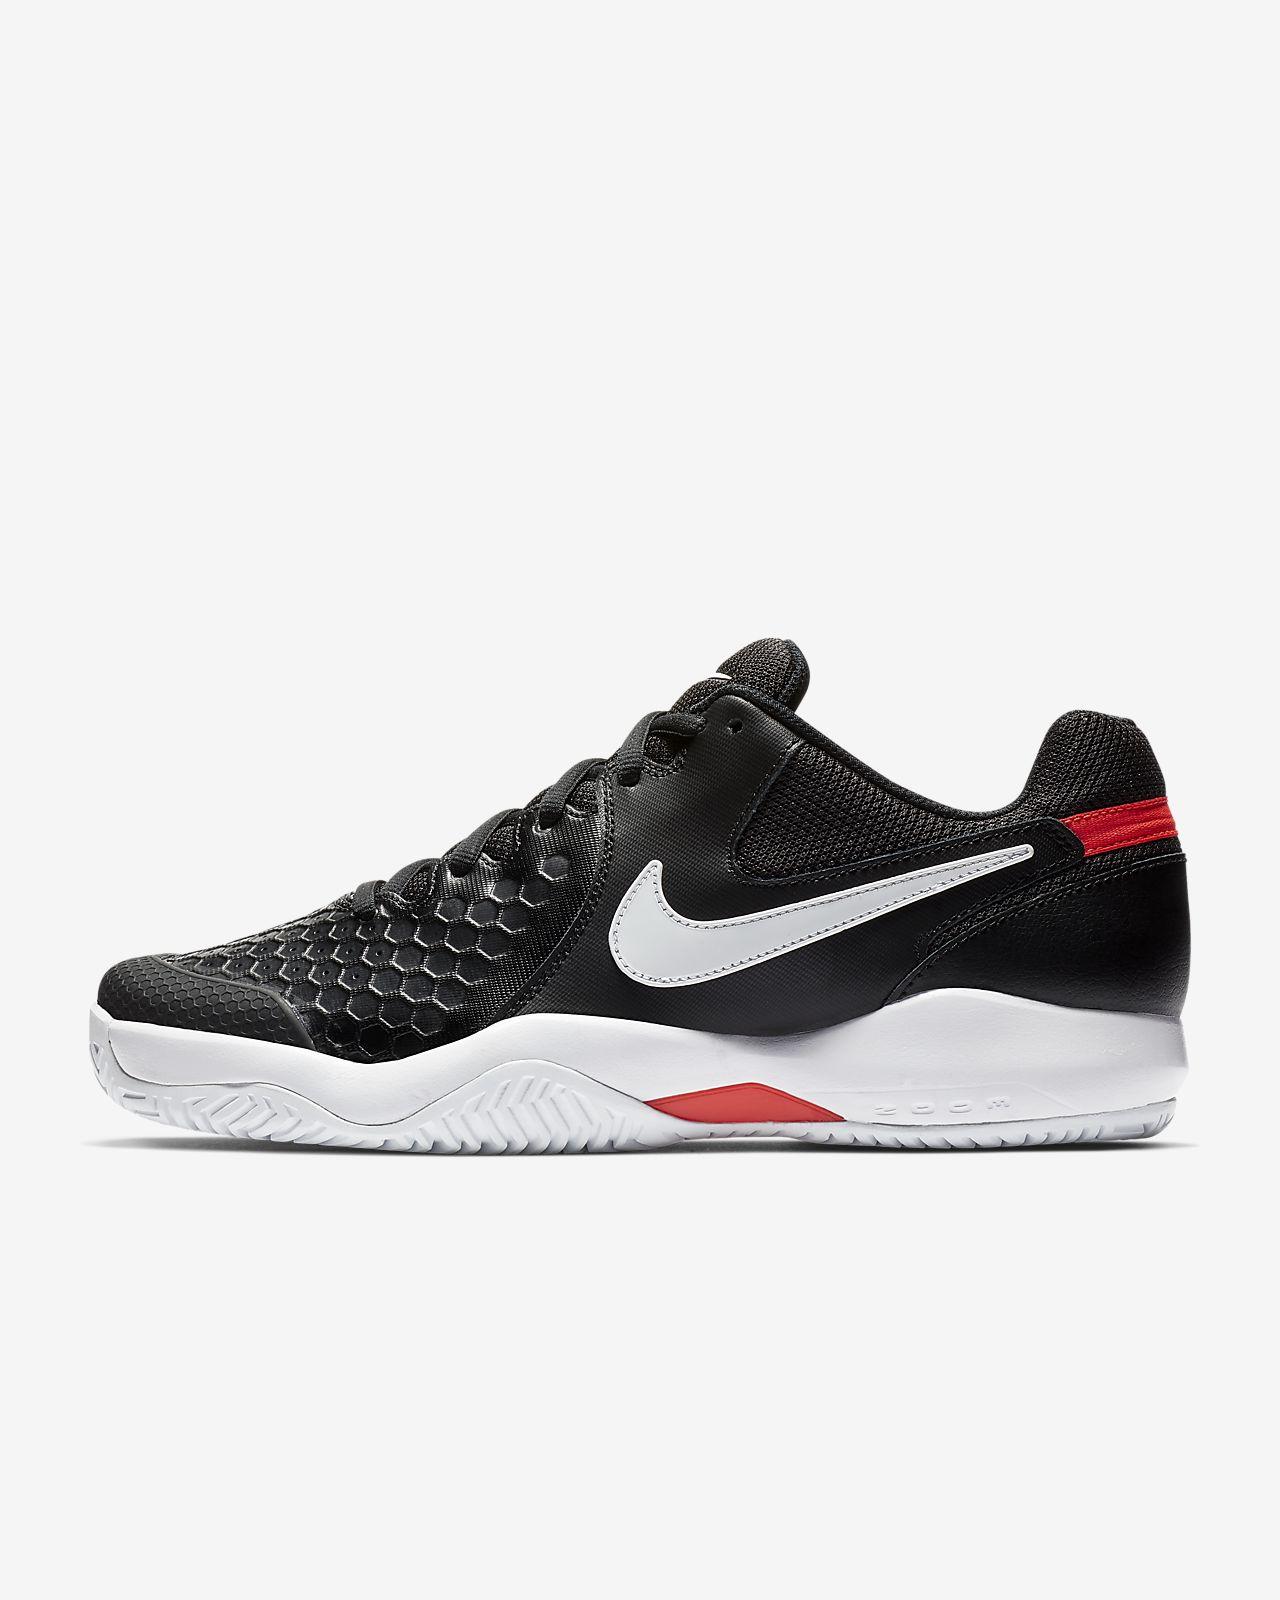 NikeCourt Air Zoom Resistance Zapatillas de tenis de pista rápida - Hombre